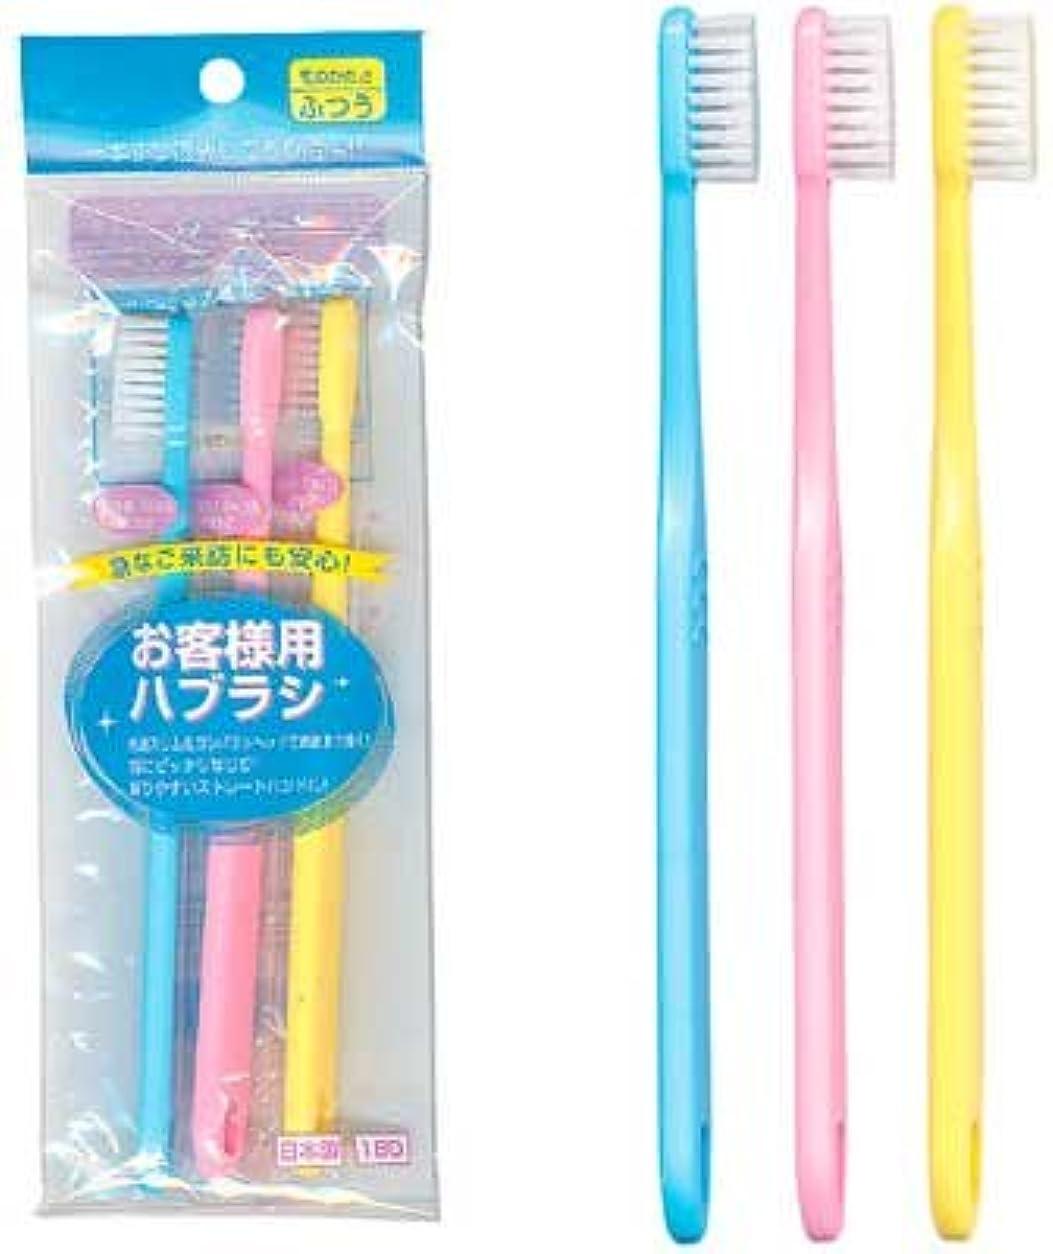 好奇心ブレス調和のとれたお客様用歯ブラシ(3P) 【まとめ買い12個セット】 41-006